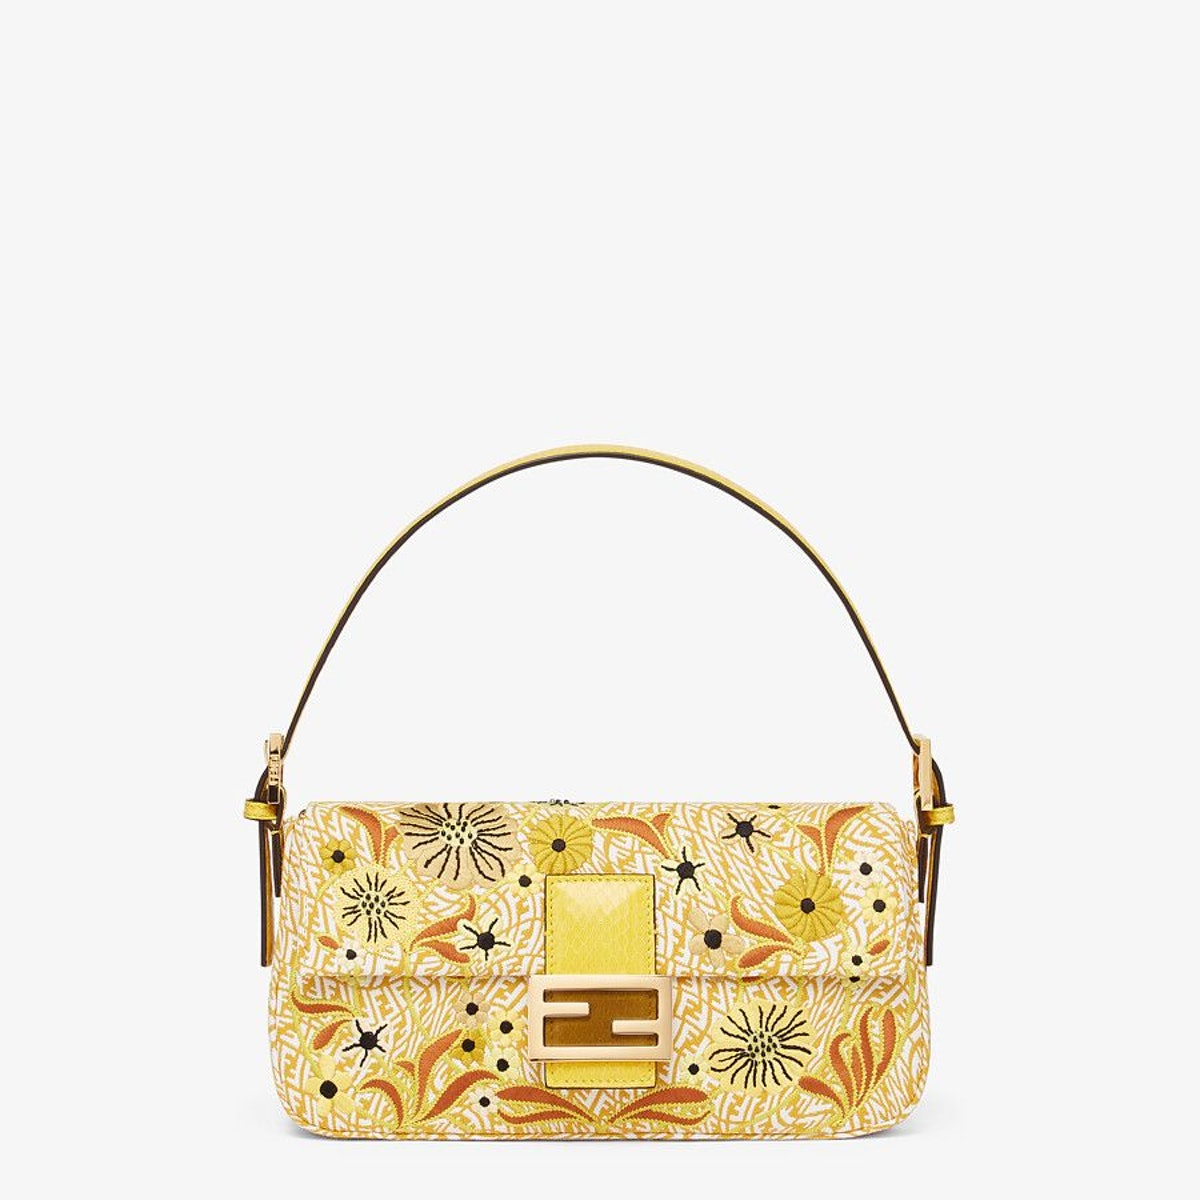 FF Vertigo Jacquard Bag With Embroidery